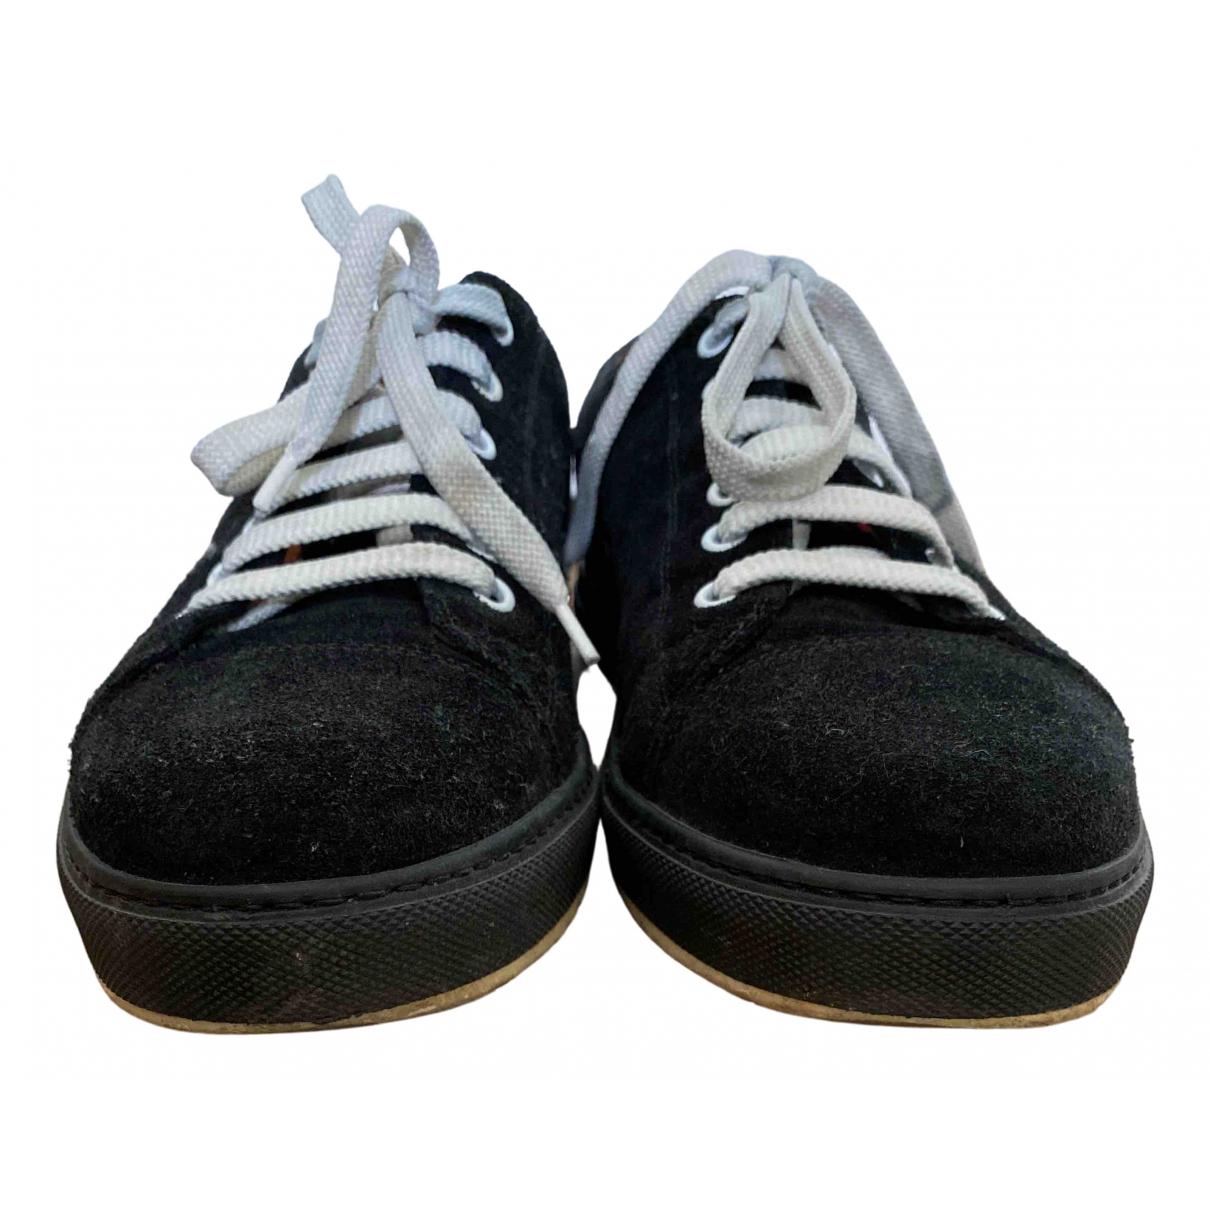 Marc Jacobs \N Sneakers in  Schwarz Veloursleder